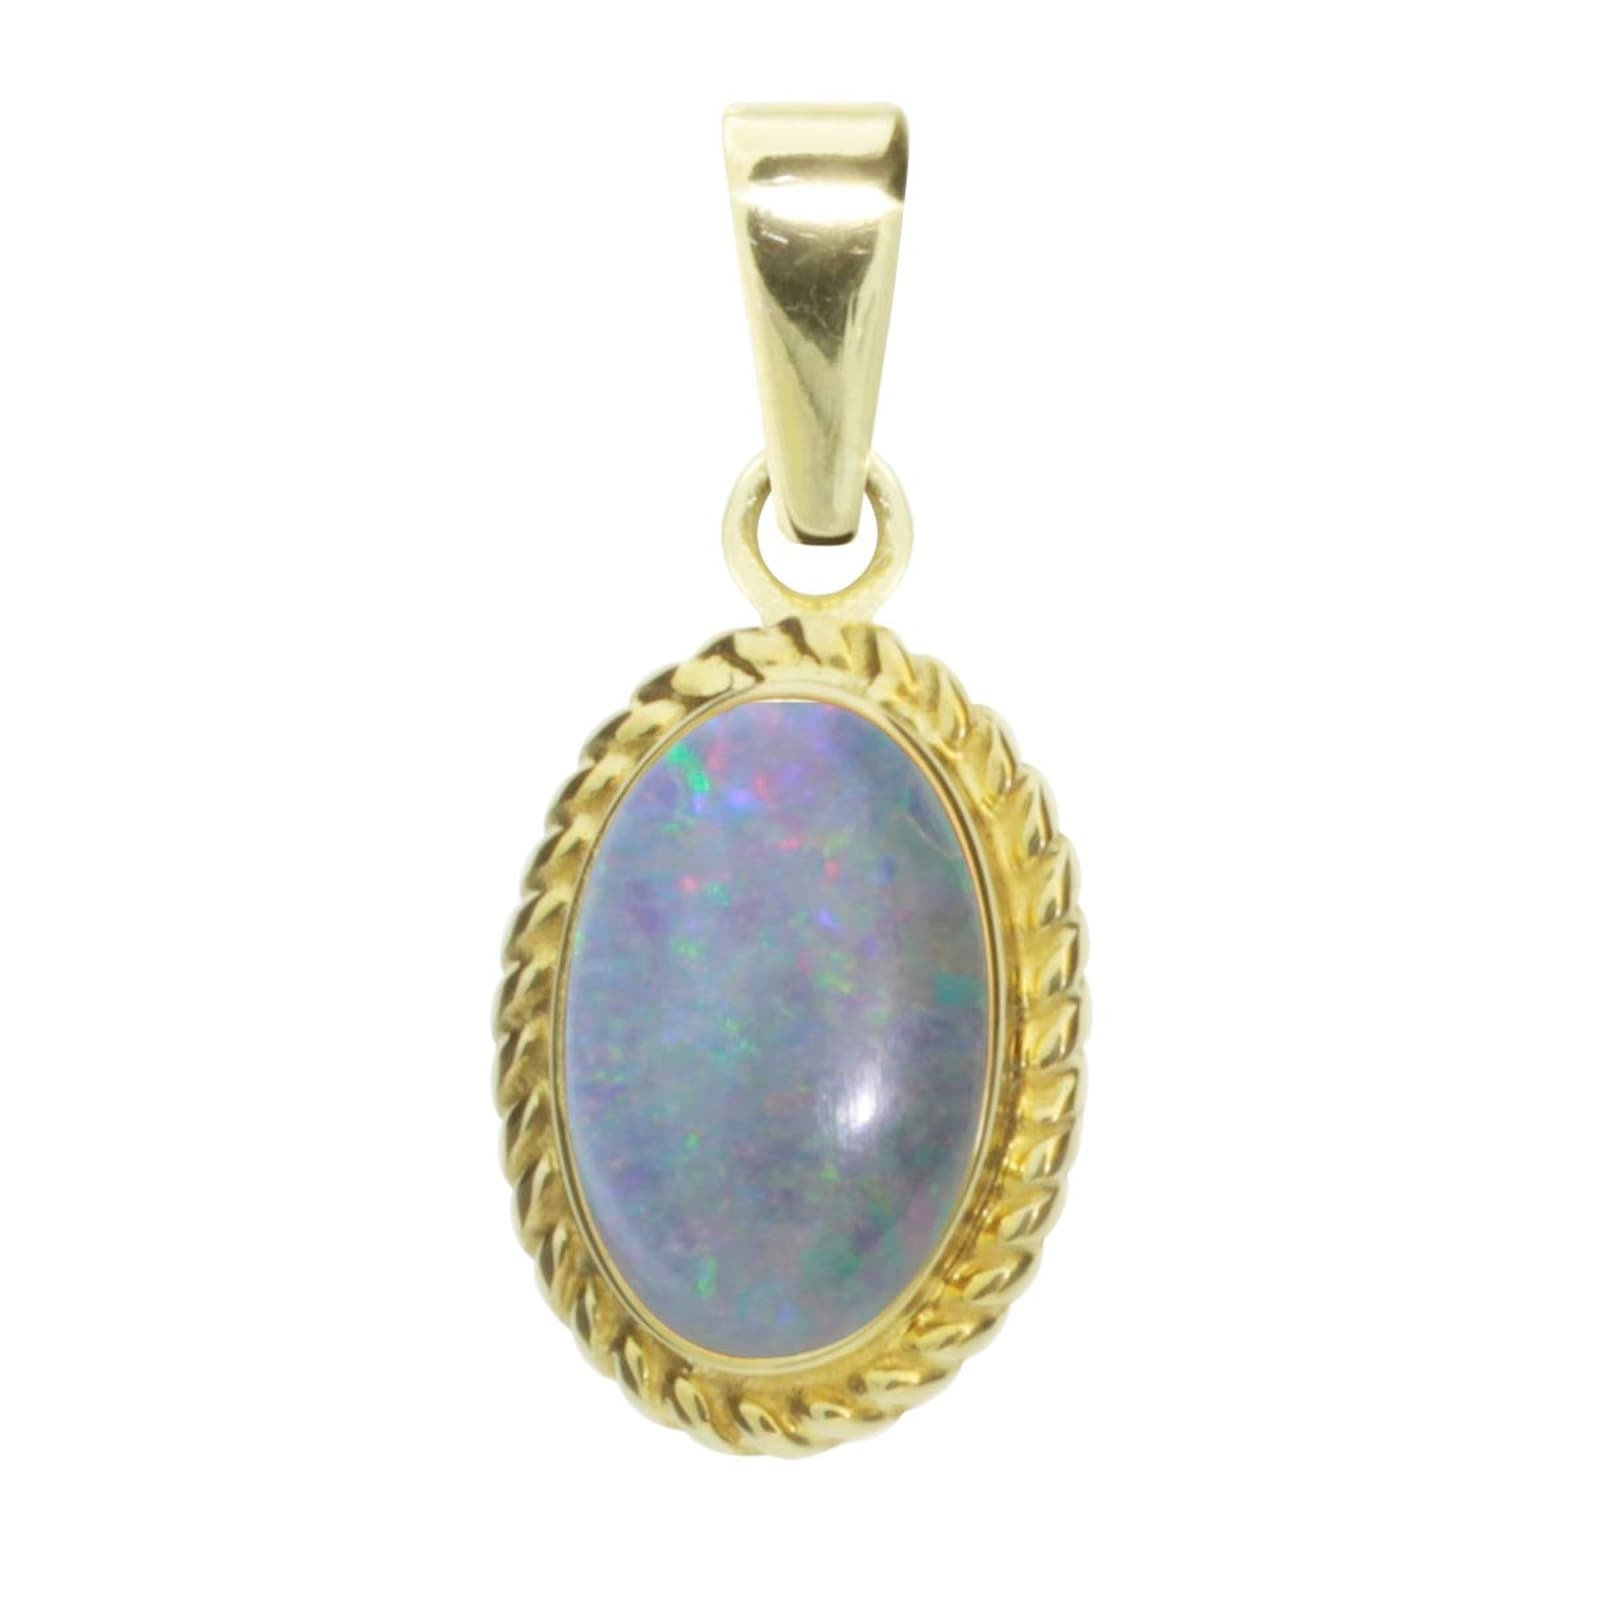 OSTSEE-SCHMUCK Kettenanhänger Julie Gold 333/000 Opal-Triplette | Schmuck > Halsketten | Ostsee-Schmuck